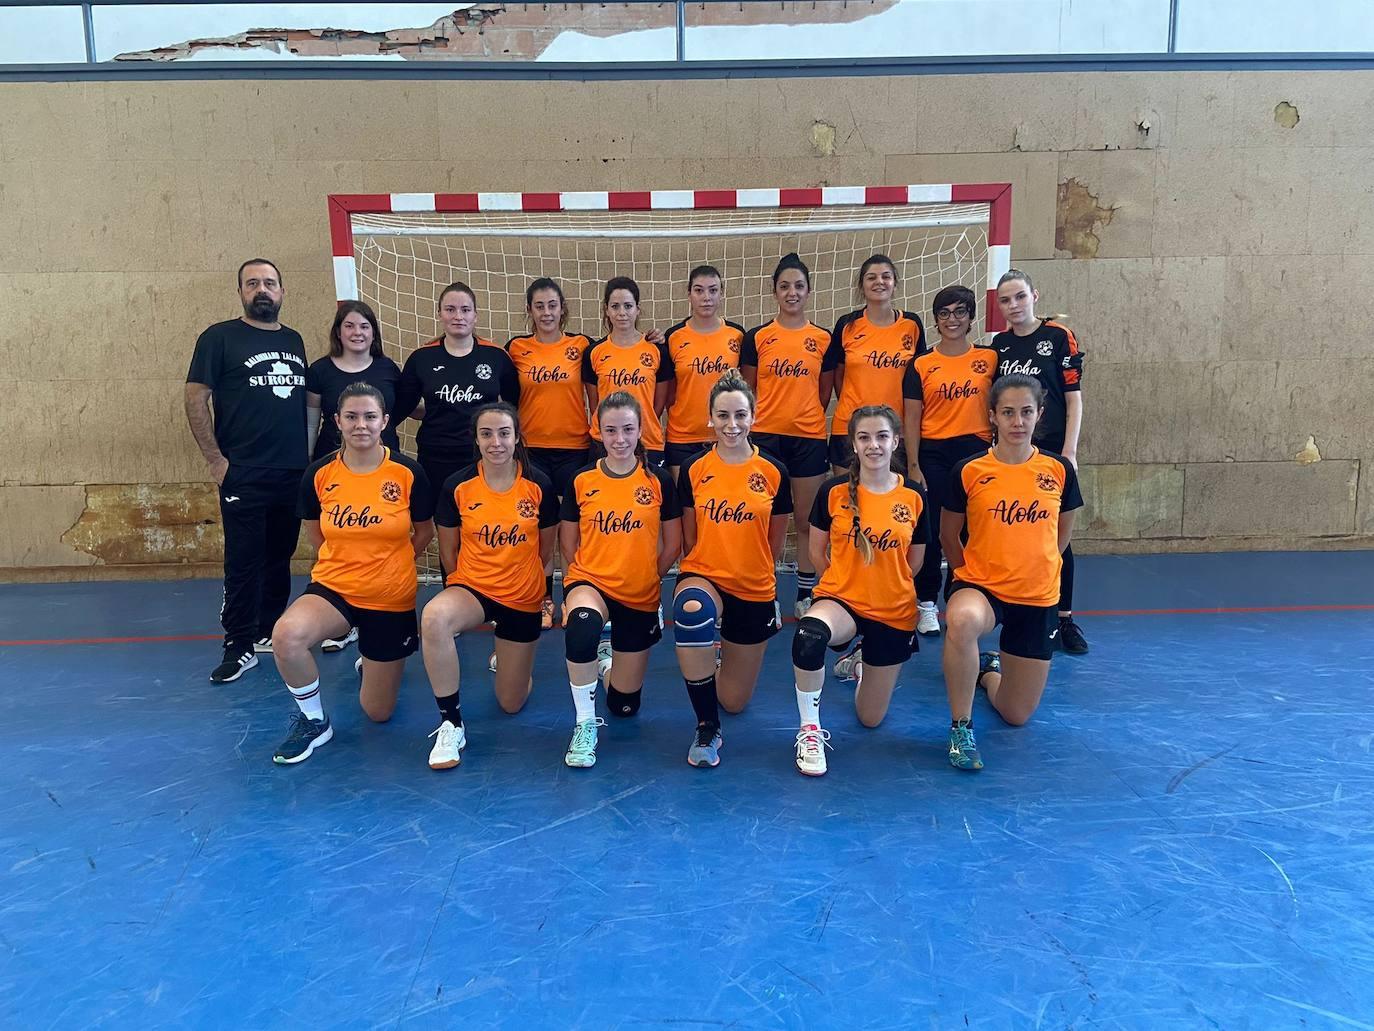 Las chicas del equipo de balonmano BM Surocer Zalamea juegan el primer partido de la temporada